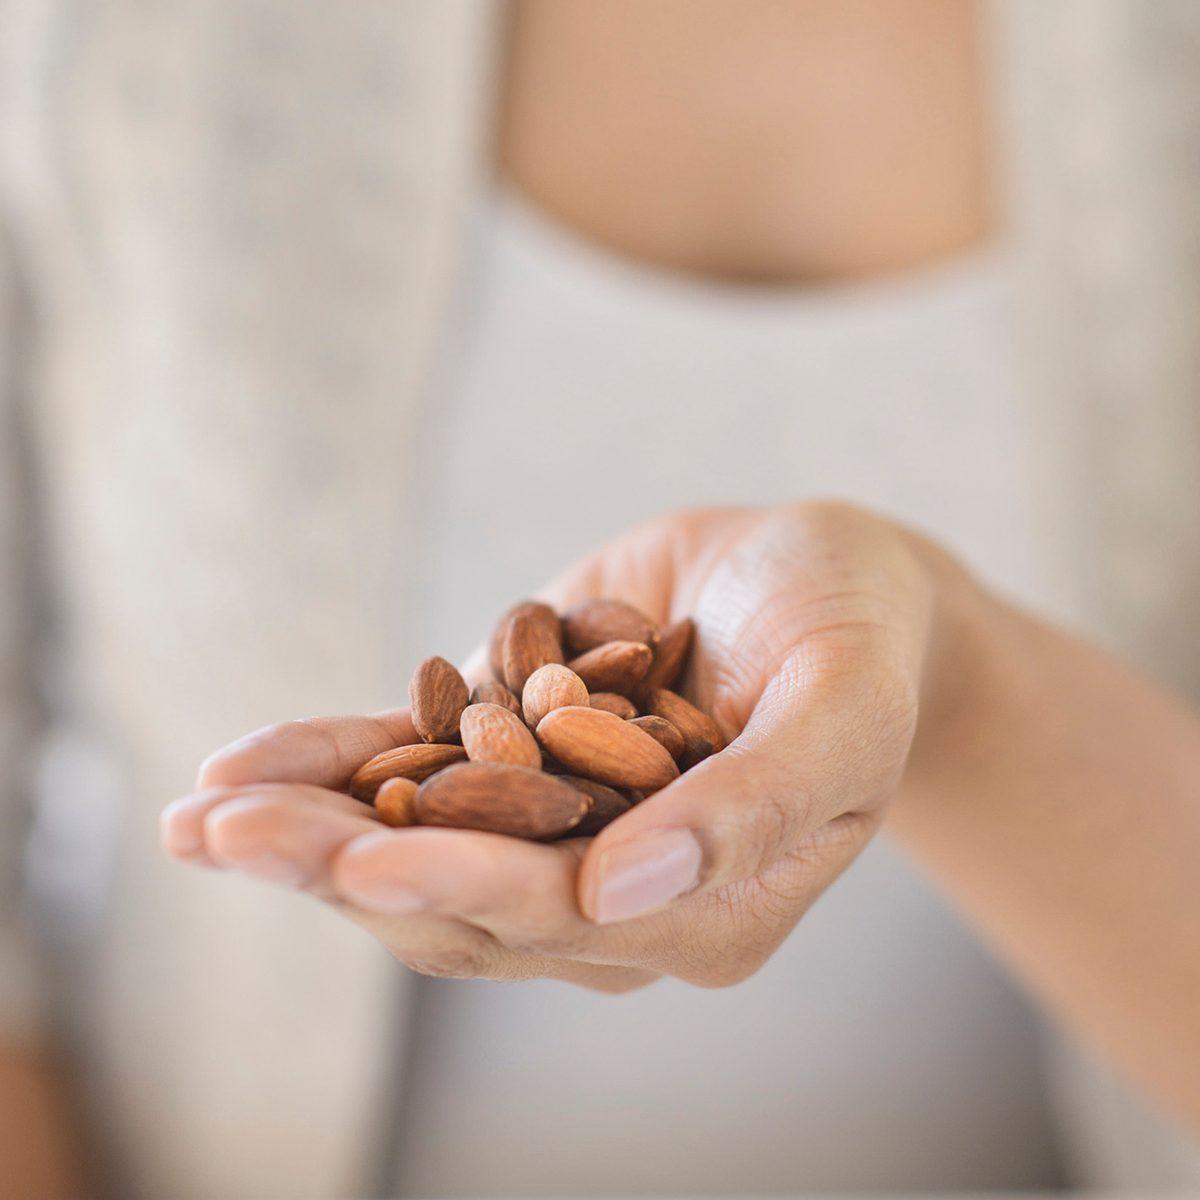 paleo snacks handful of nuts